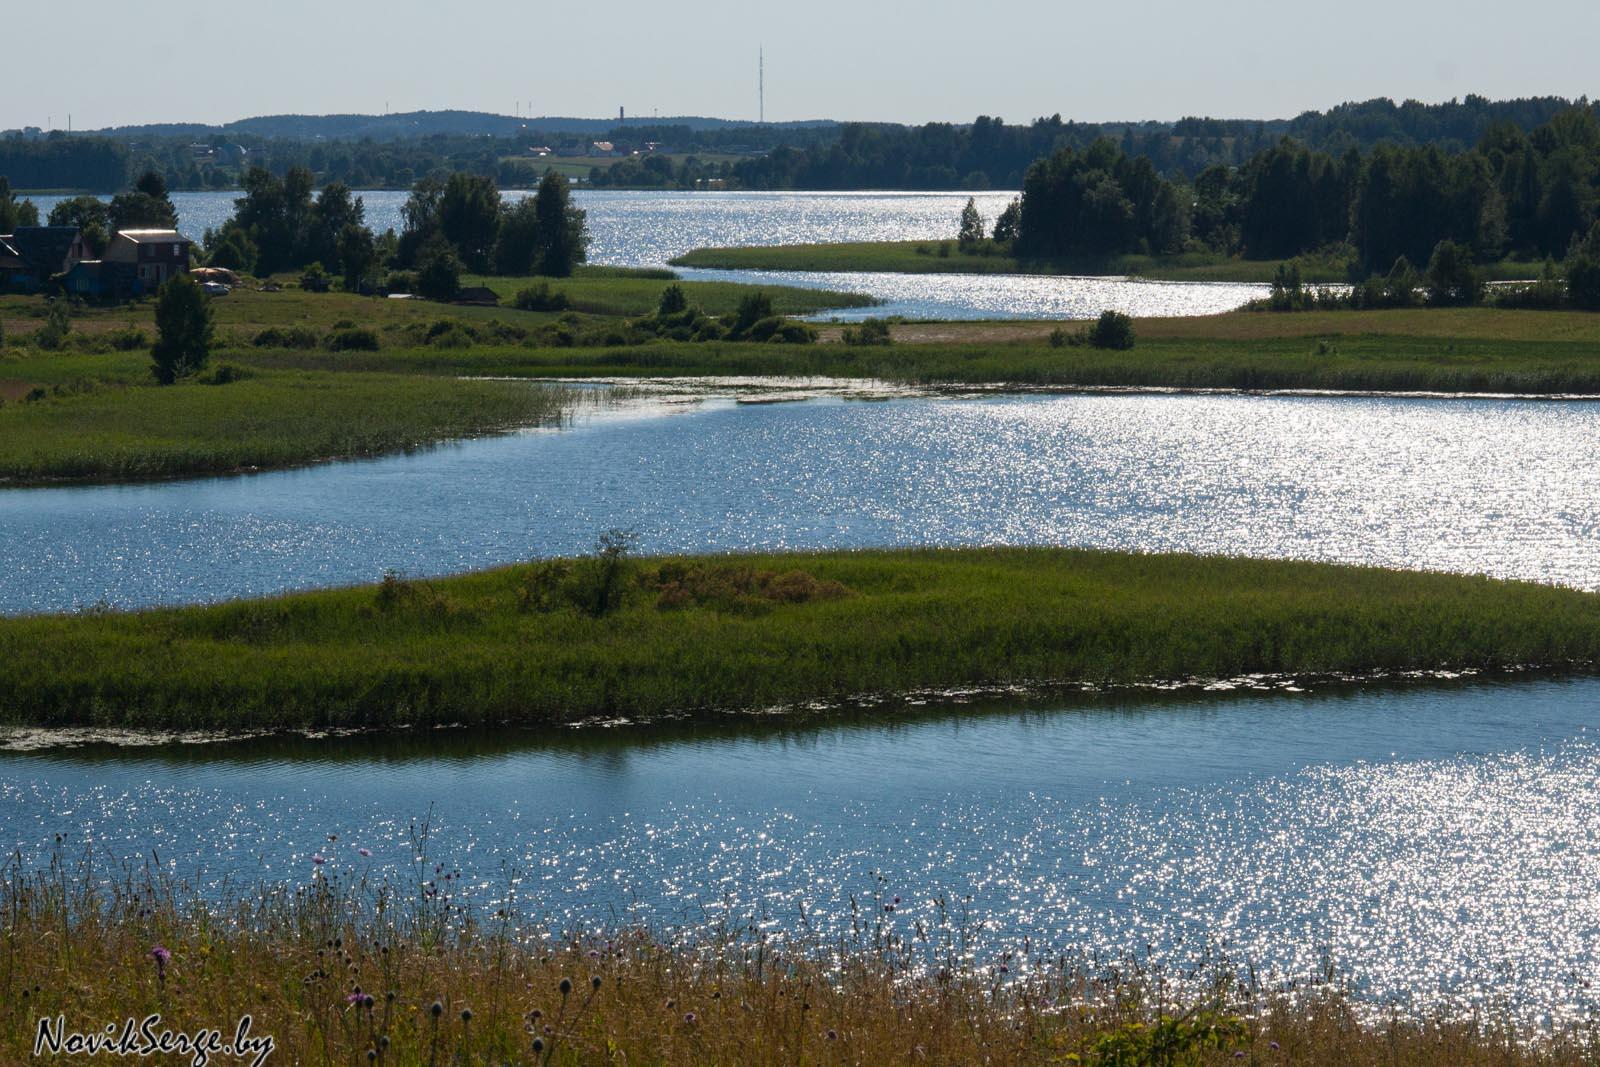 Браславские озёра, городище, Слобода, Недрово, Несьпиш